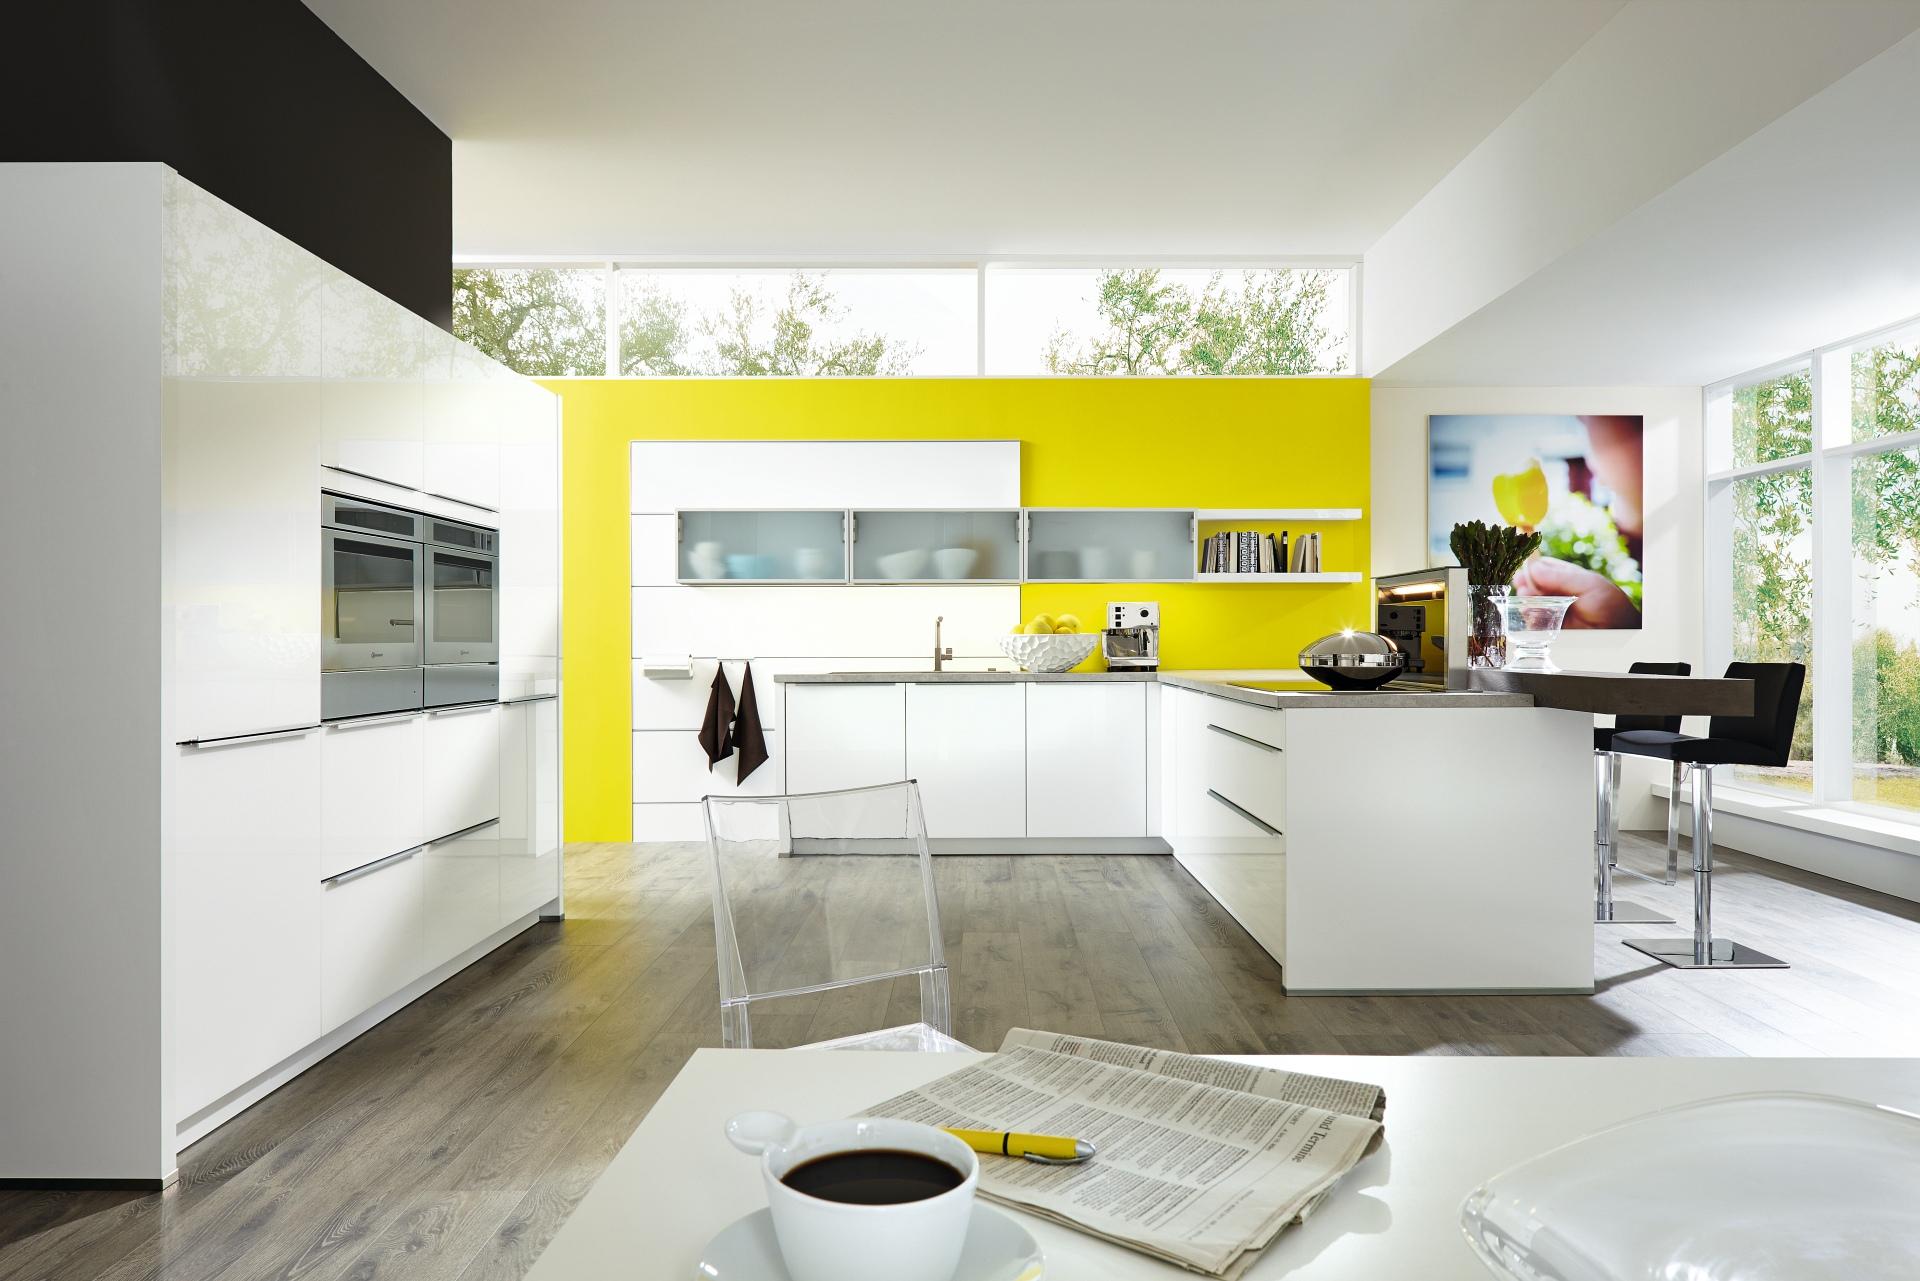 Küchenstudio In Mittweida Einbauküche Küchenzeile Küchenblock